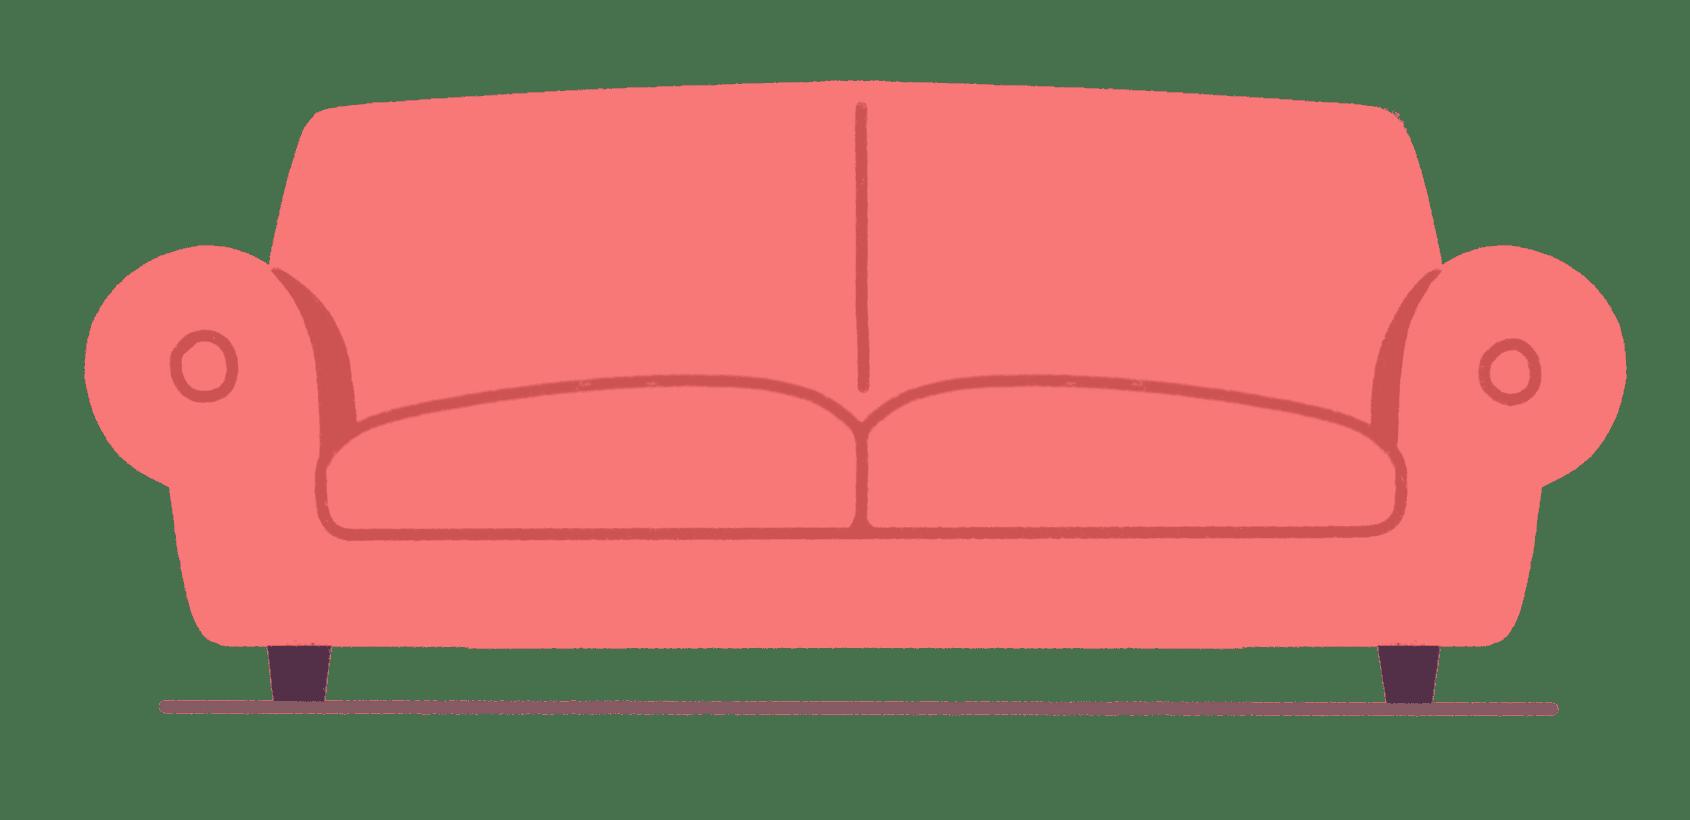 Illustrasjon av rød sofa